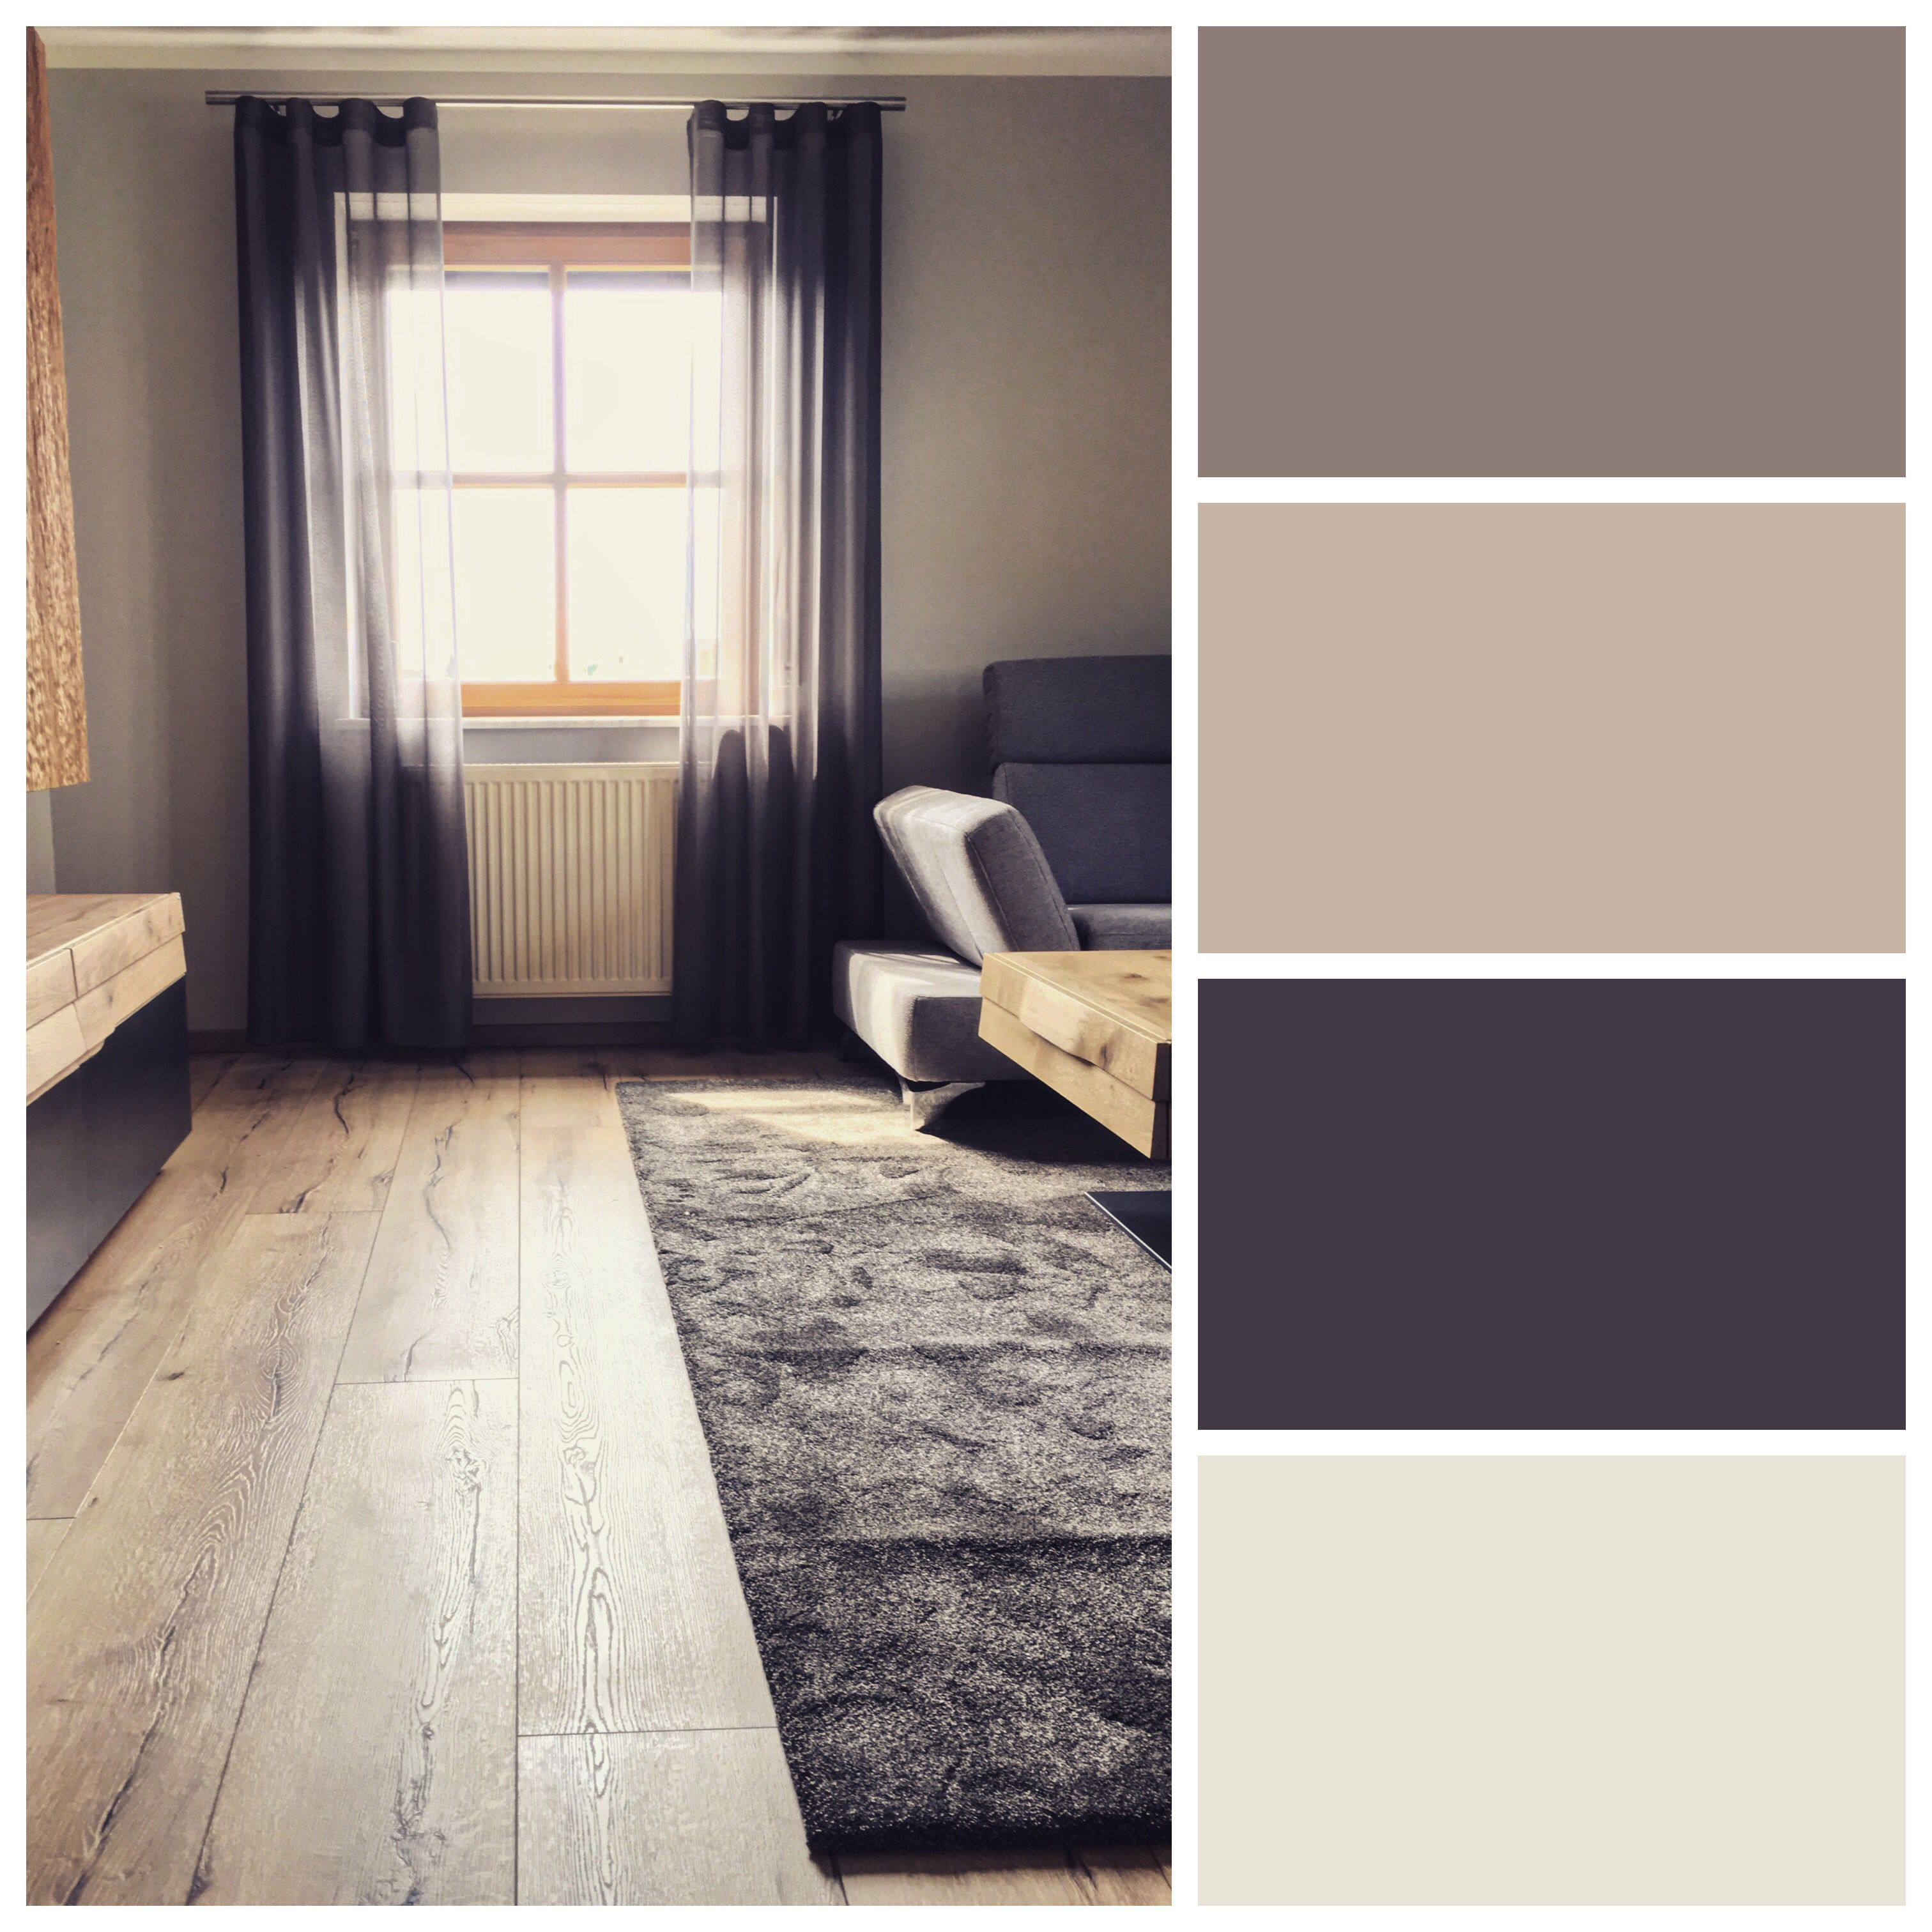 Colorpalette Gemtlichkeit Aufeinander Abgestimmt Wohnzimmer